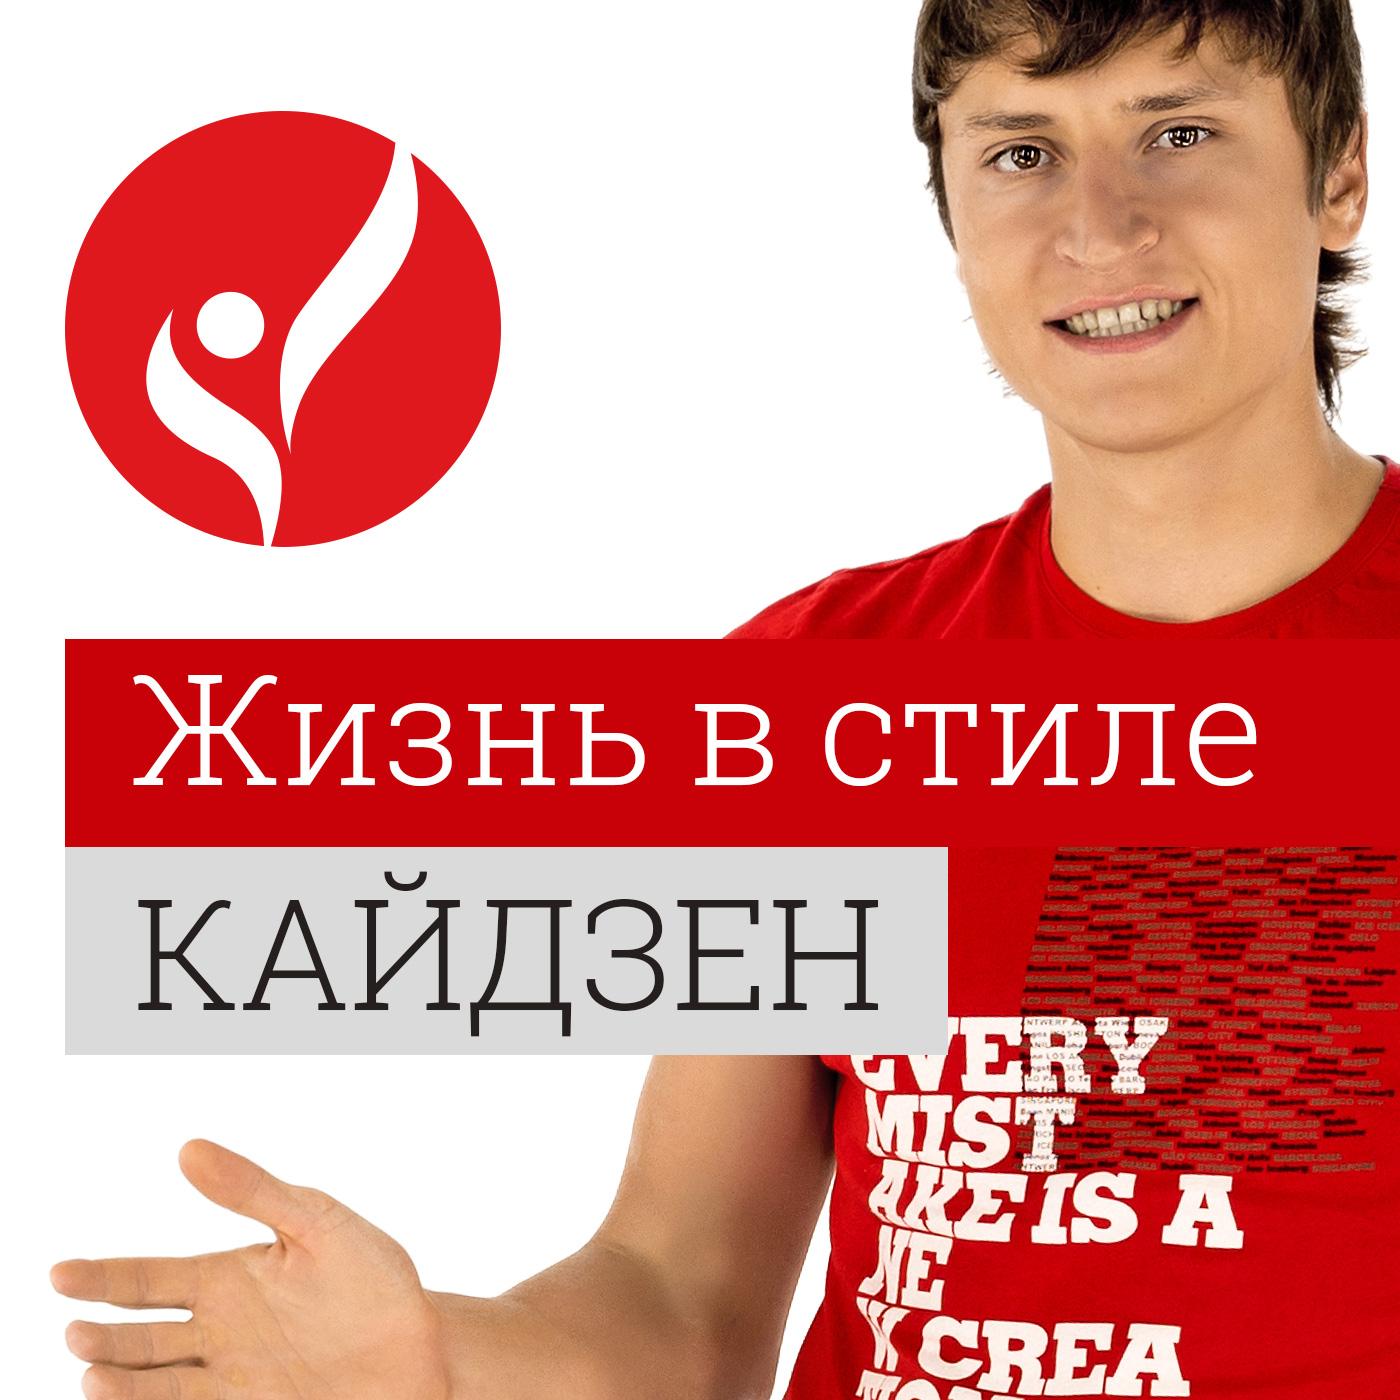 «Жизнь в стиле Кайдзен»